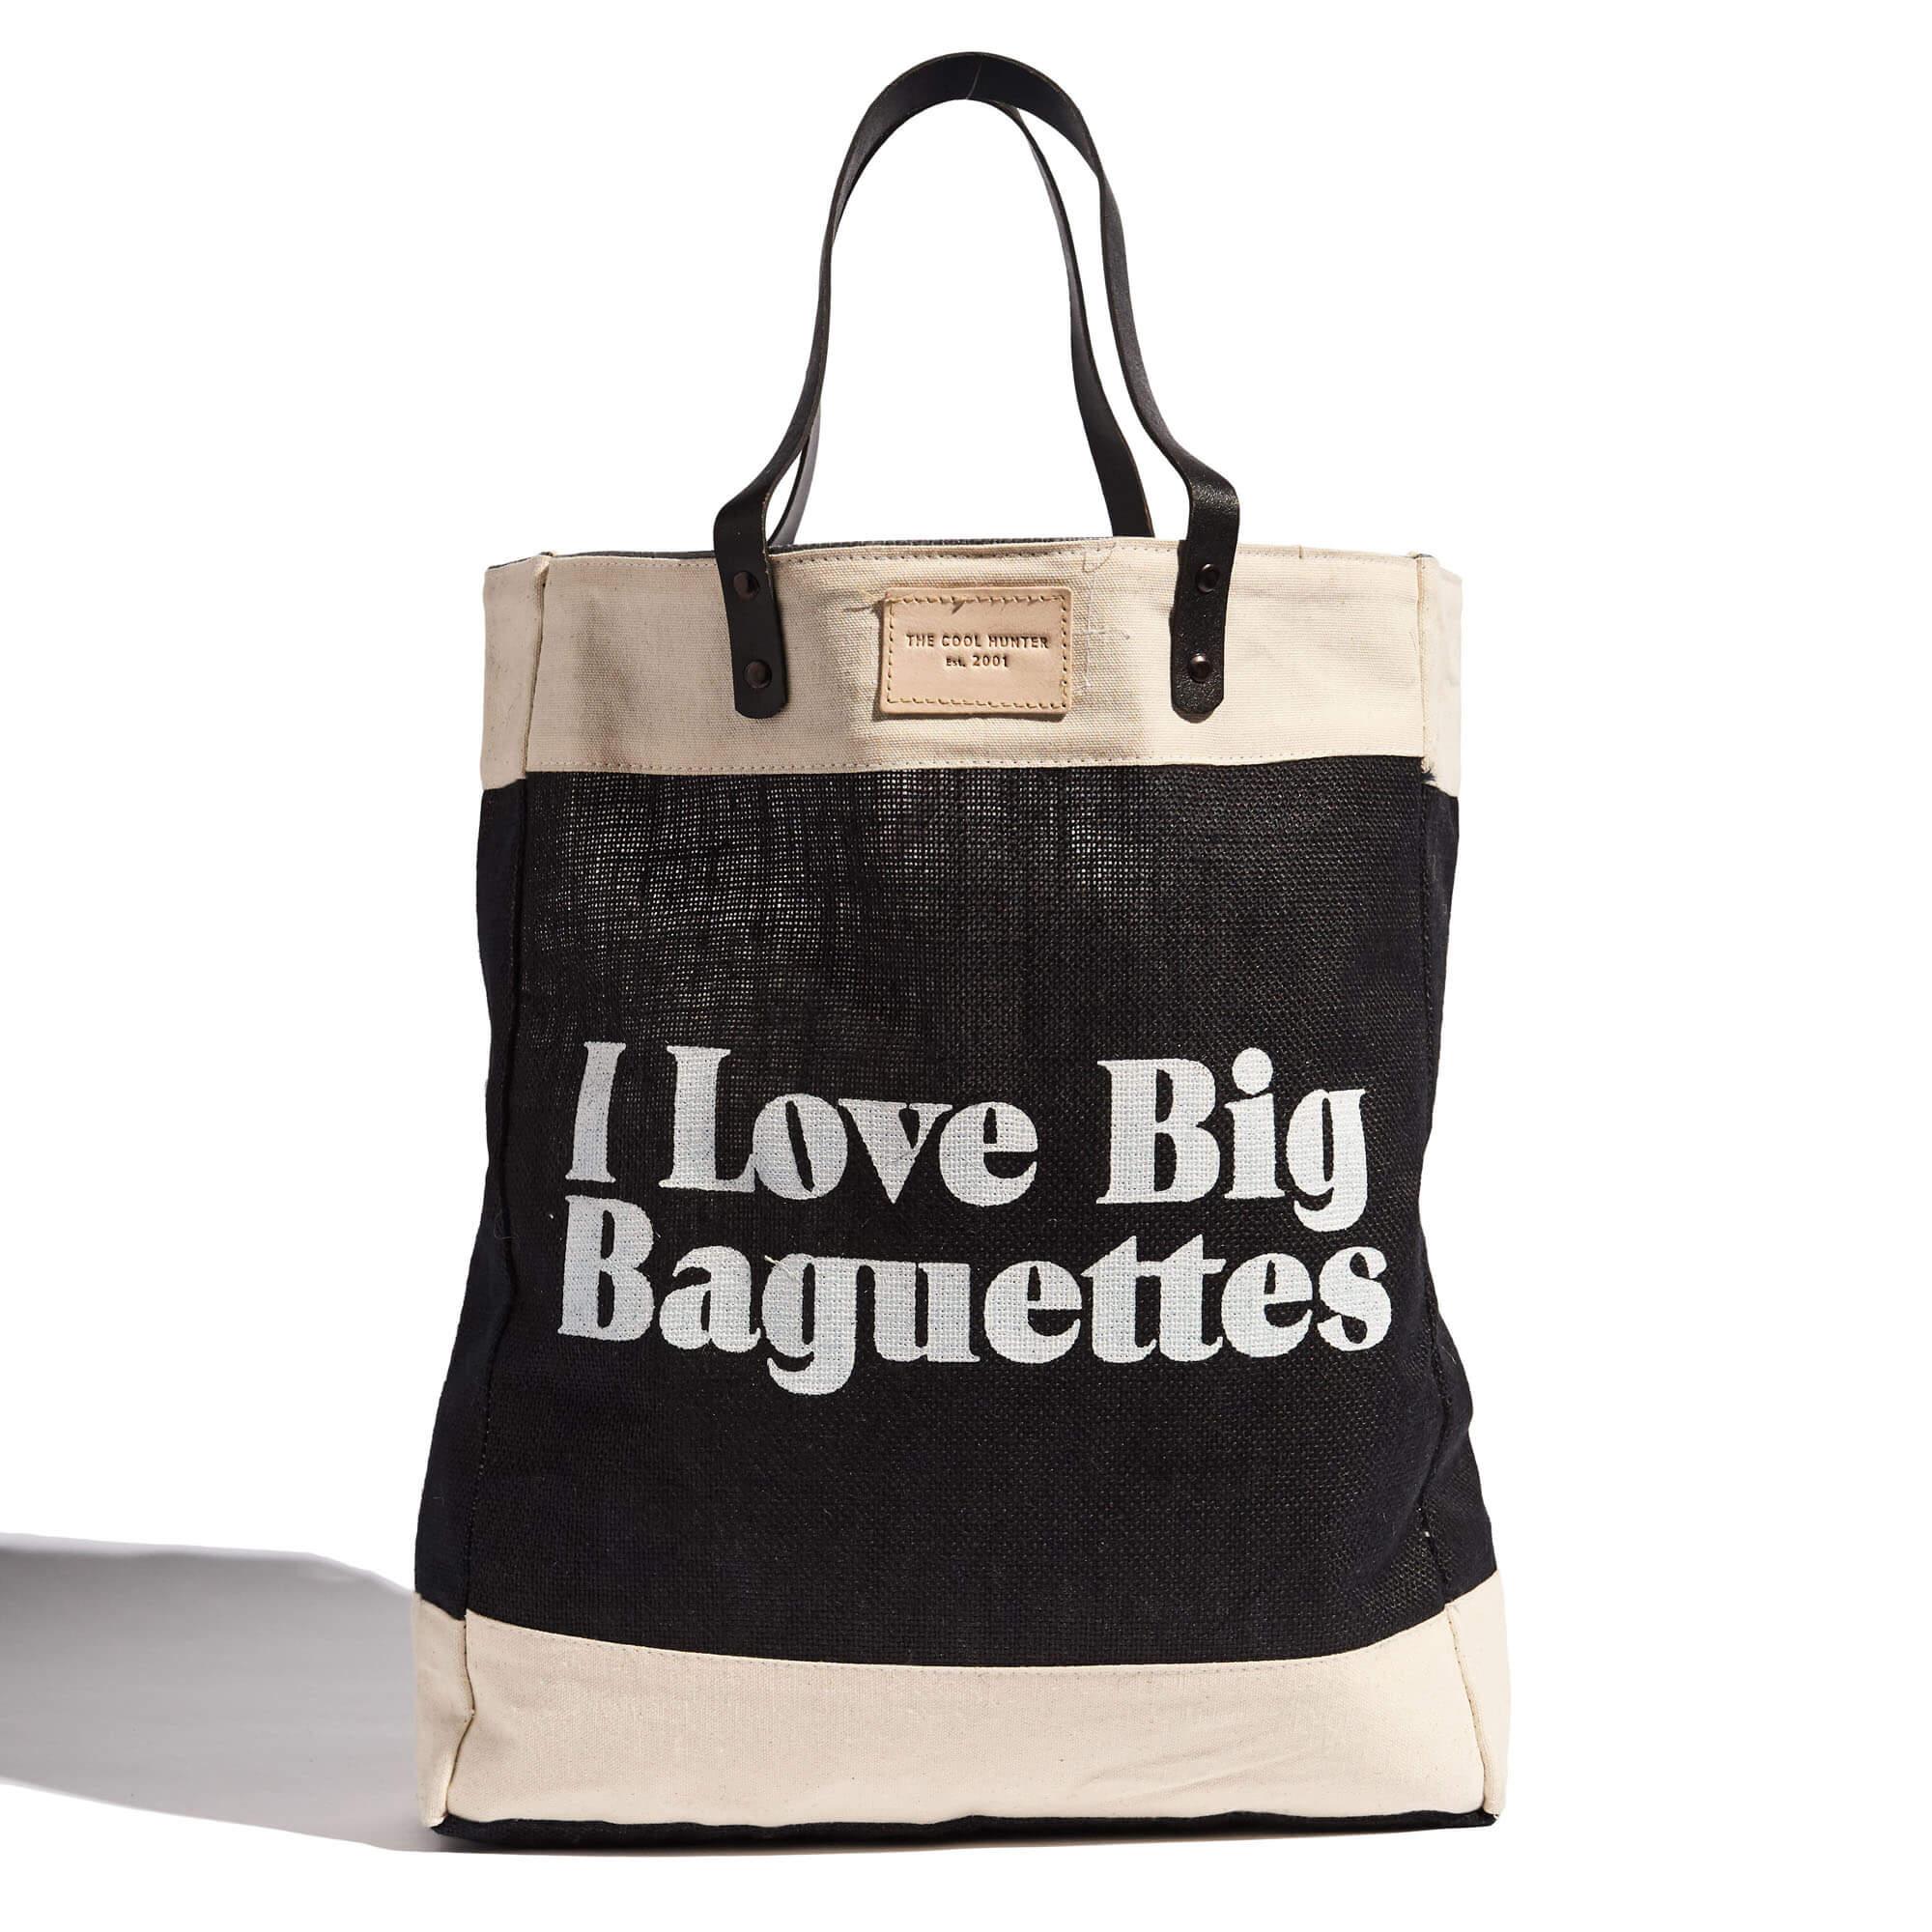 i-love-big-baguettes-market-bag